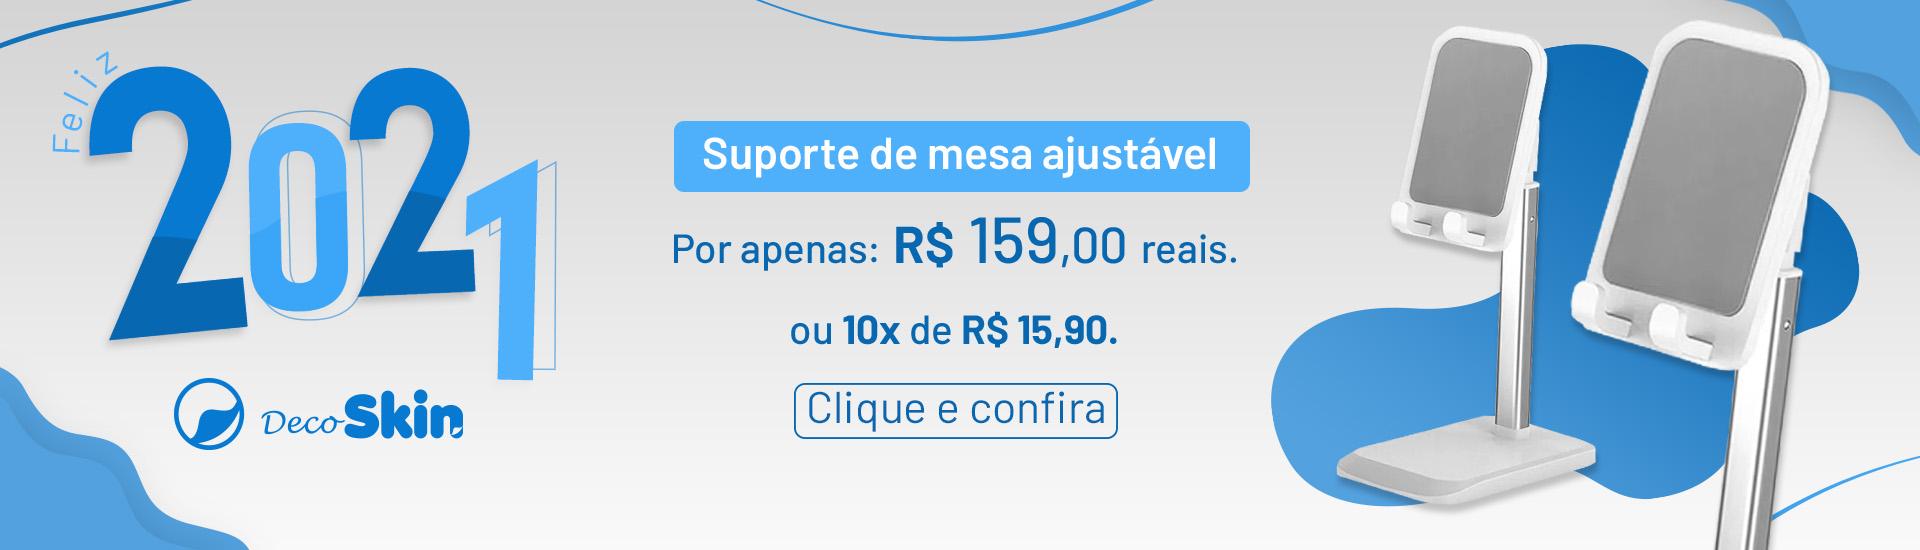 04 Suporte de Mesa Ajustável | Desktop 1920x550